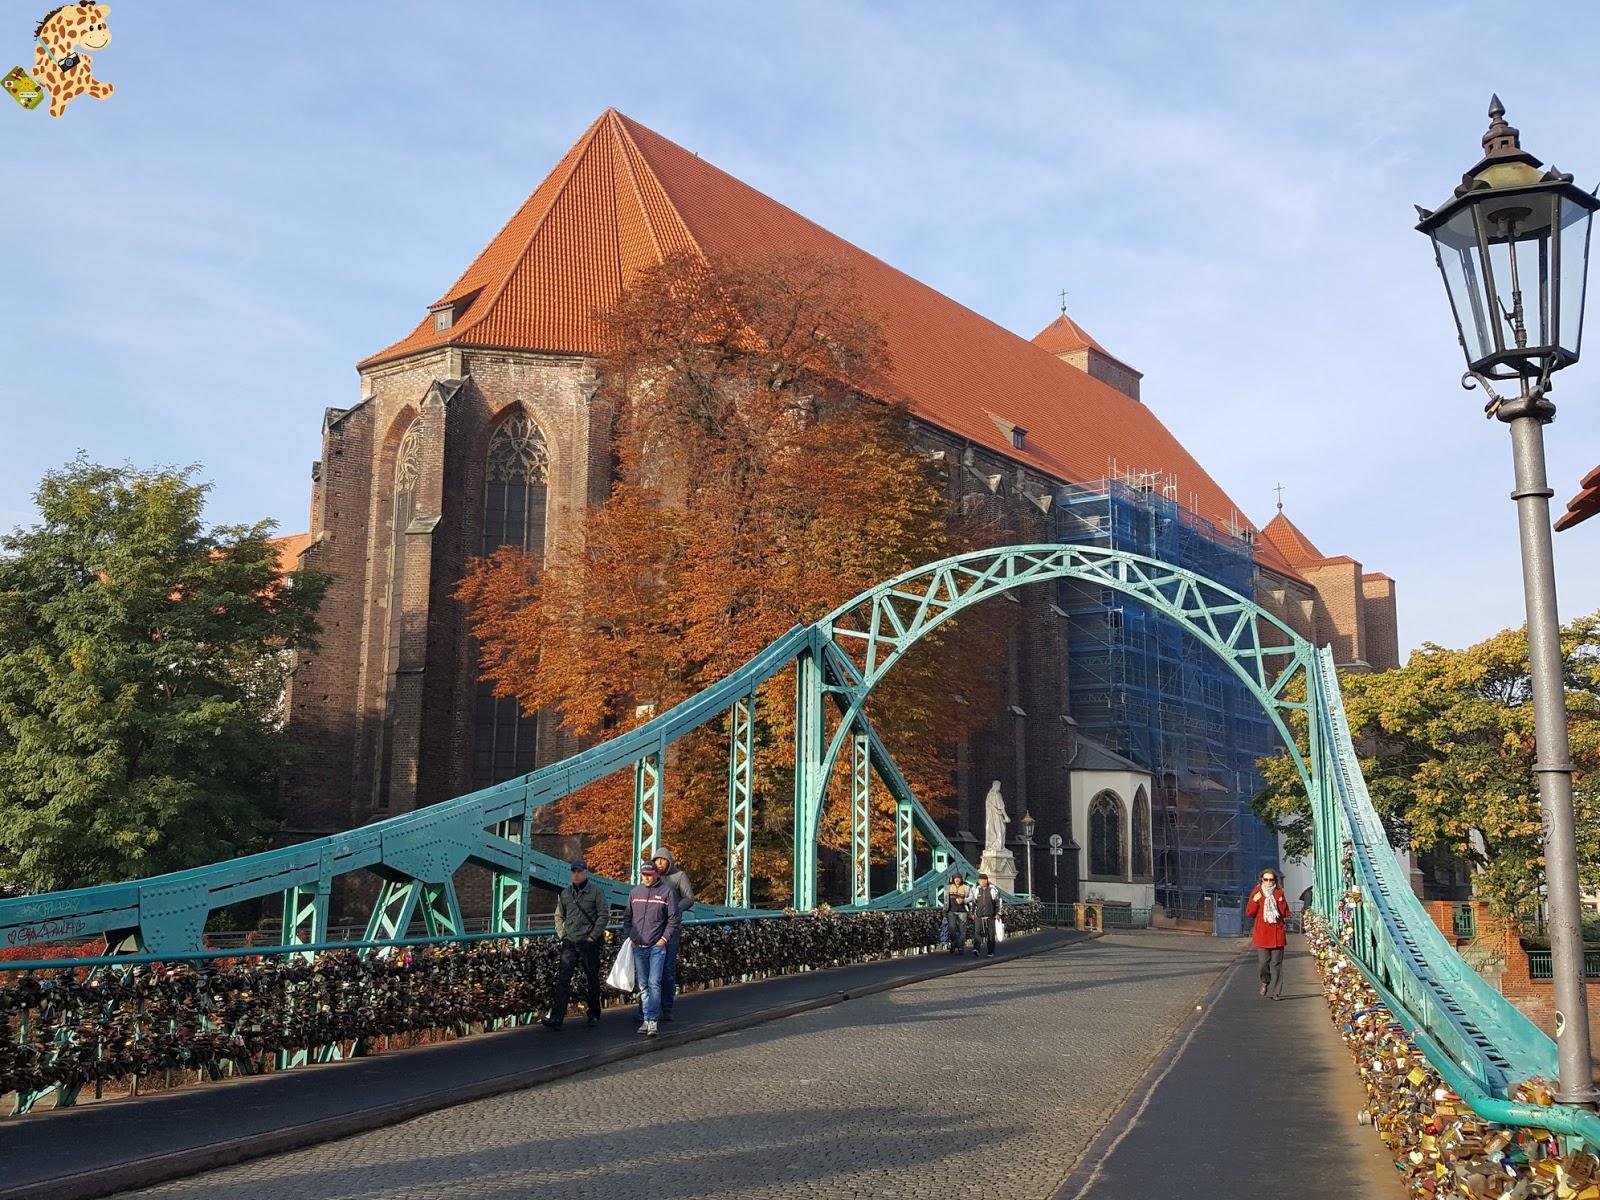 breslavia286729 - Breslavia o Wroclaw, la ciudad de los enanos